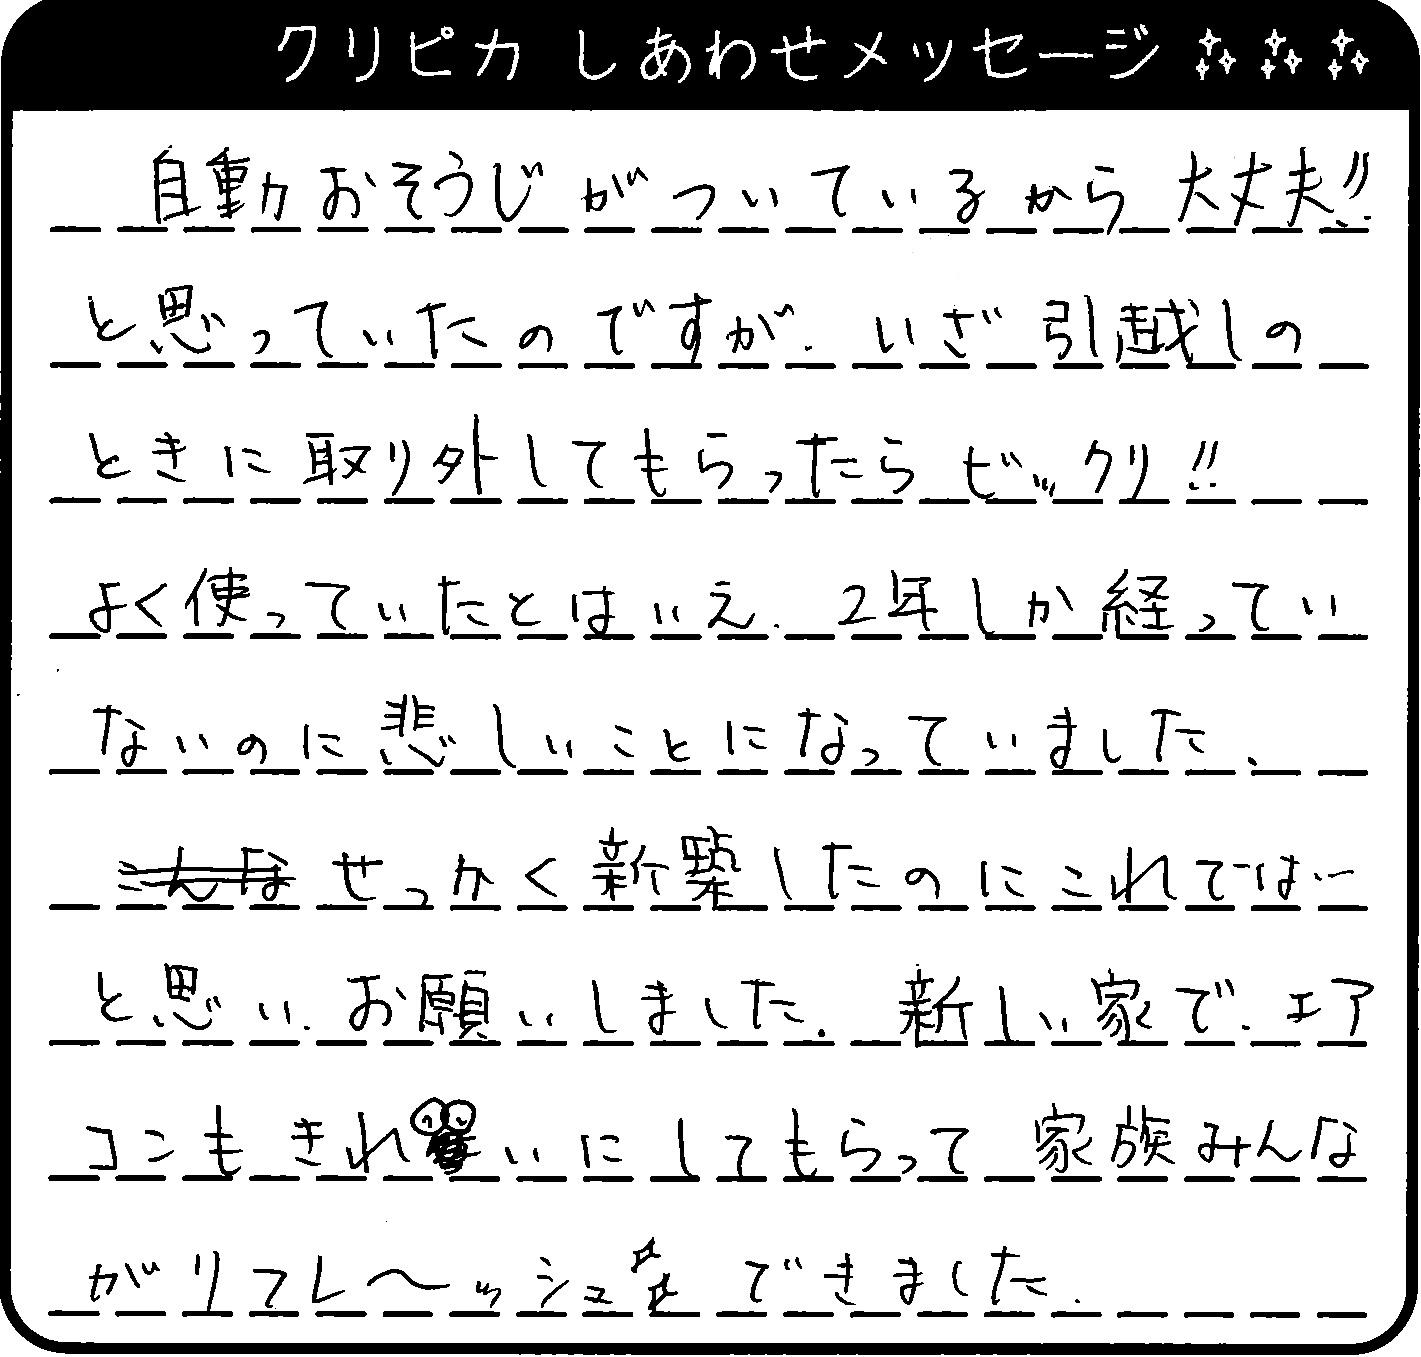 三重県 I様からのしあわせメッセージ